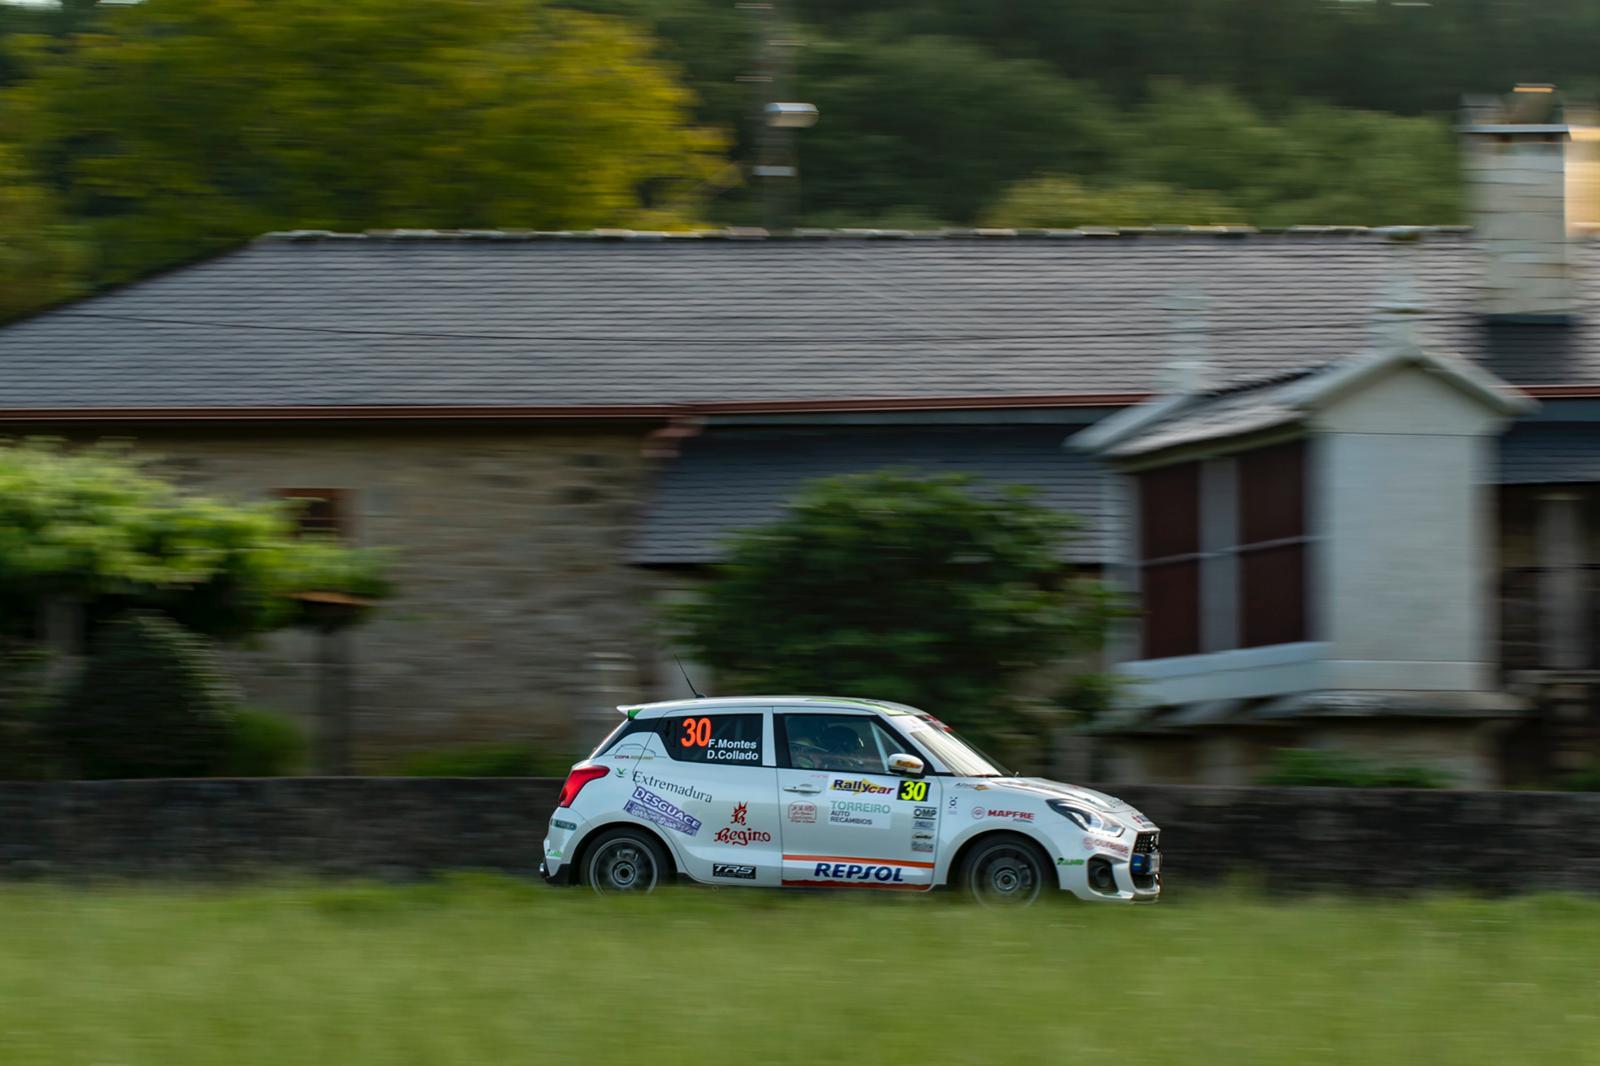 El ERT prosigue reuniendo experiencia de carrera en el nacional de asfalto en Llanes